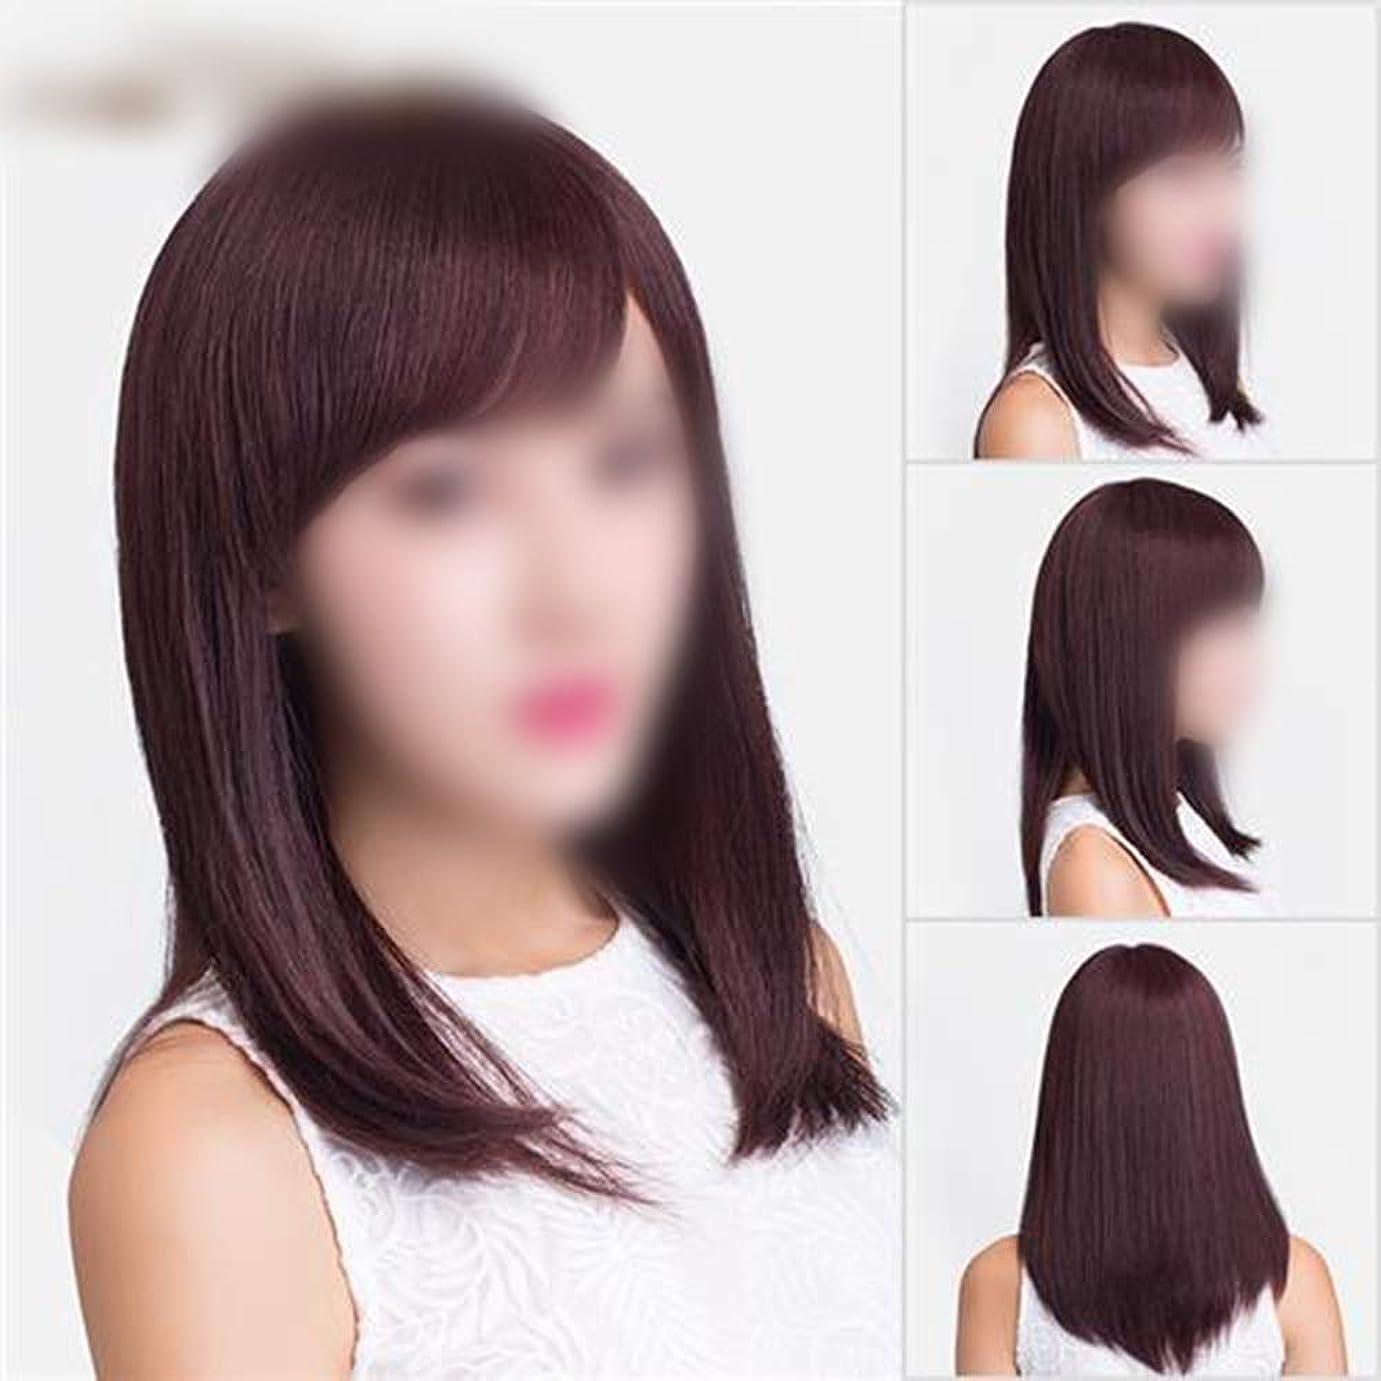 BOBIDYEE ダークブラウンロングストレートふわふわナチュラルロングリアルウィッグ女性のための合成髪レースかつらロールプレイングウィッグロングとショートの女性自然 (色 : Dark brown)